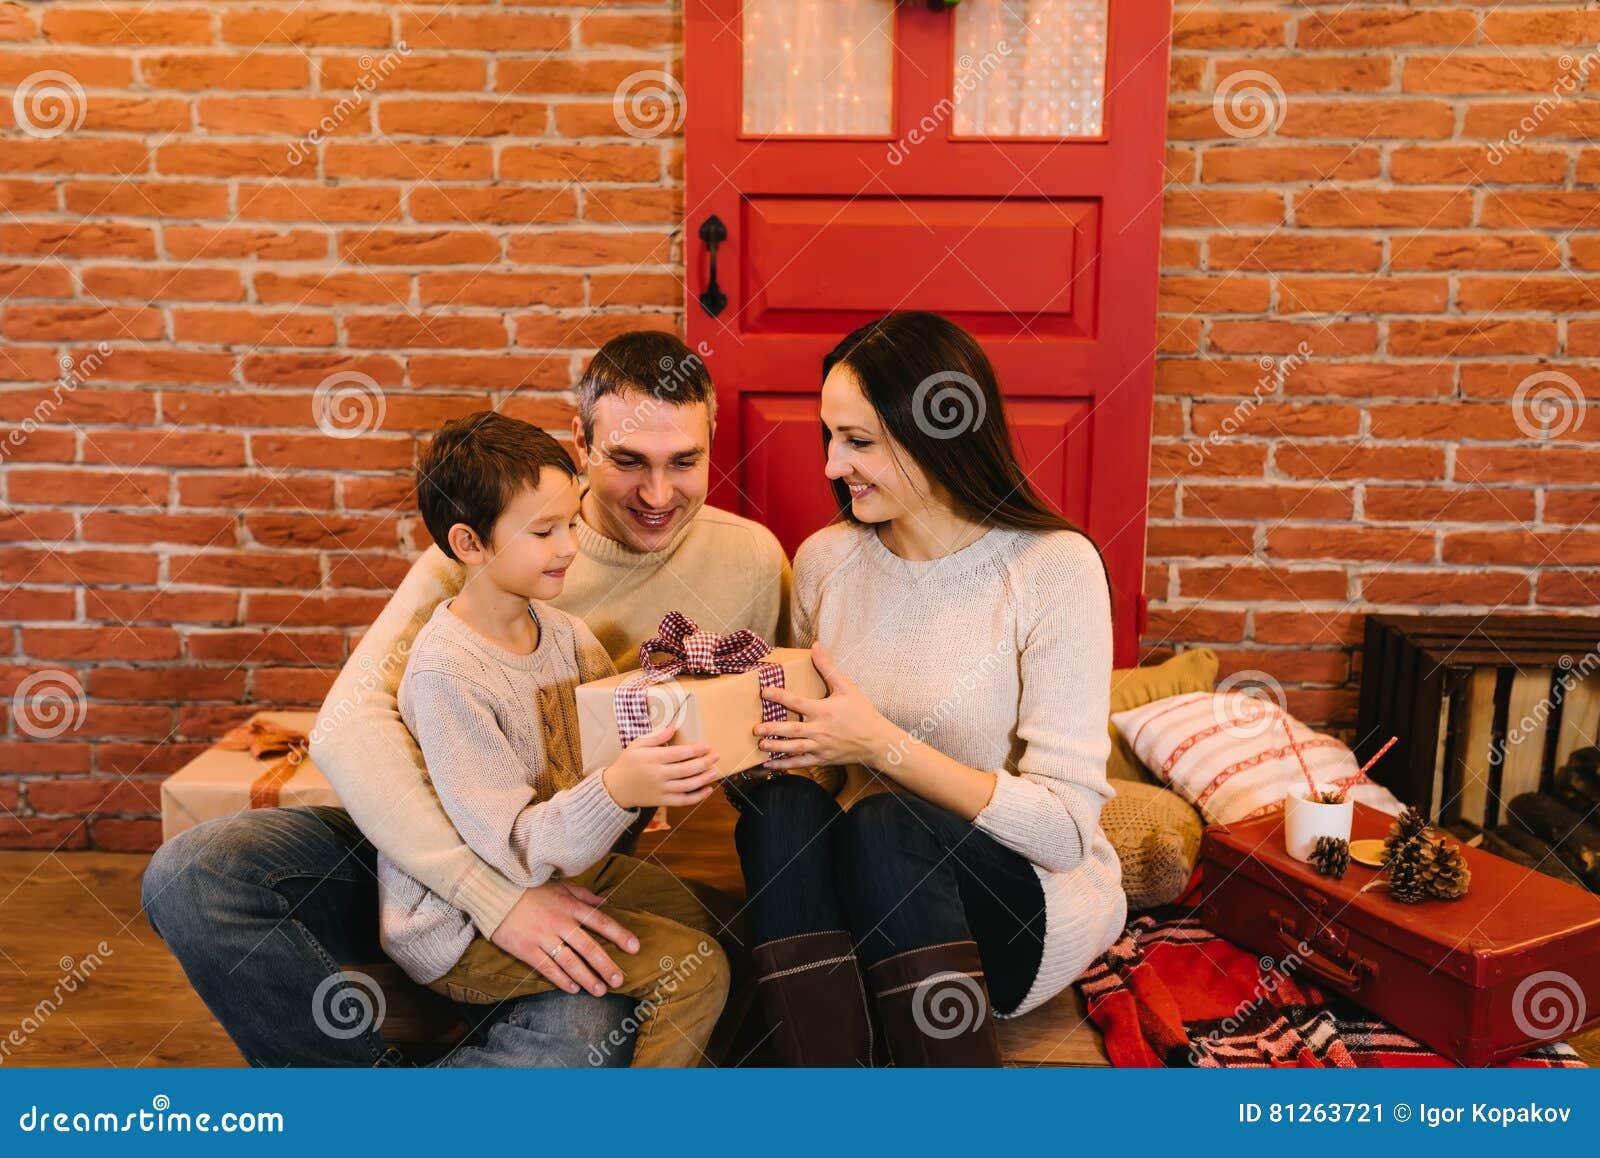 Eltern Geben Dem Kind Ein Geschenk Für Weihnachten Stockbild - Bild ...